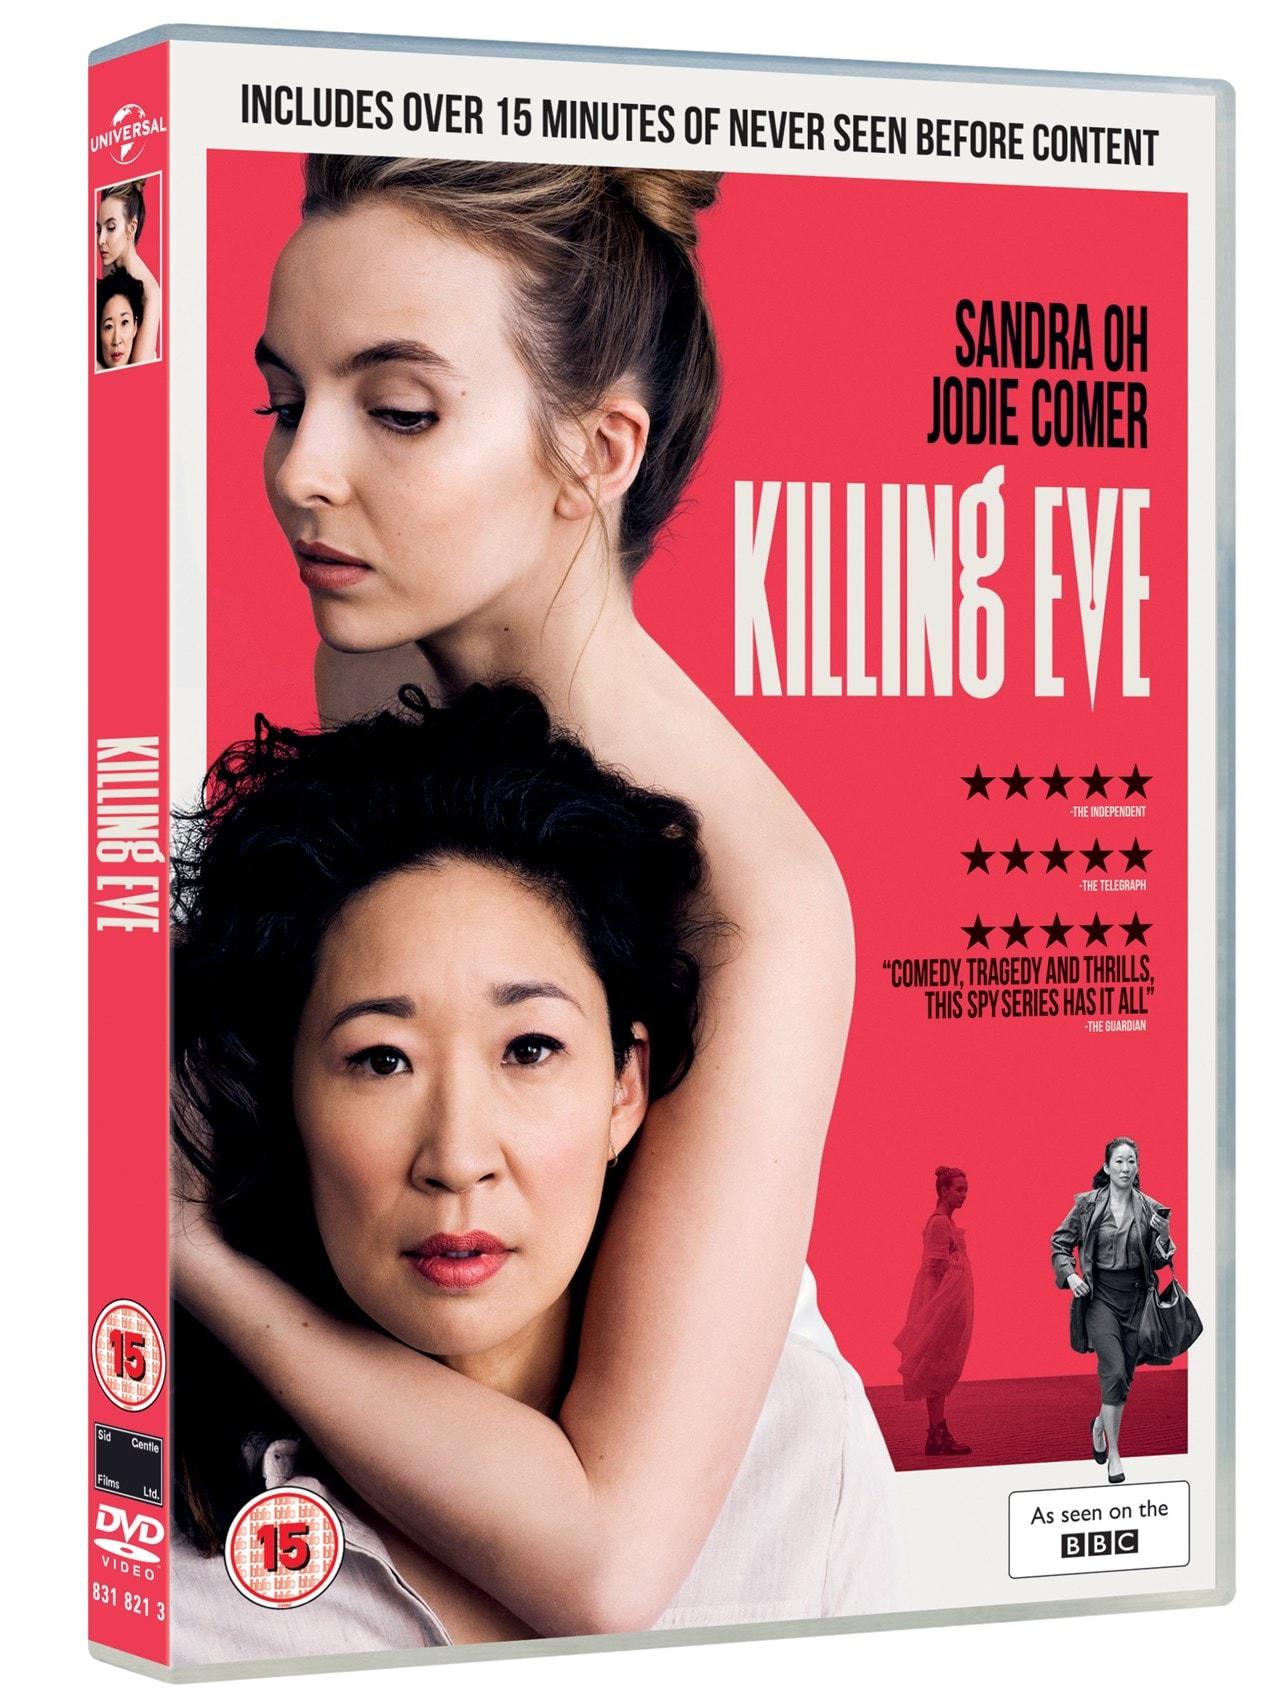 Killing Eve - 2